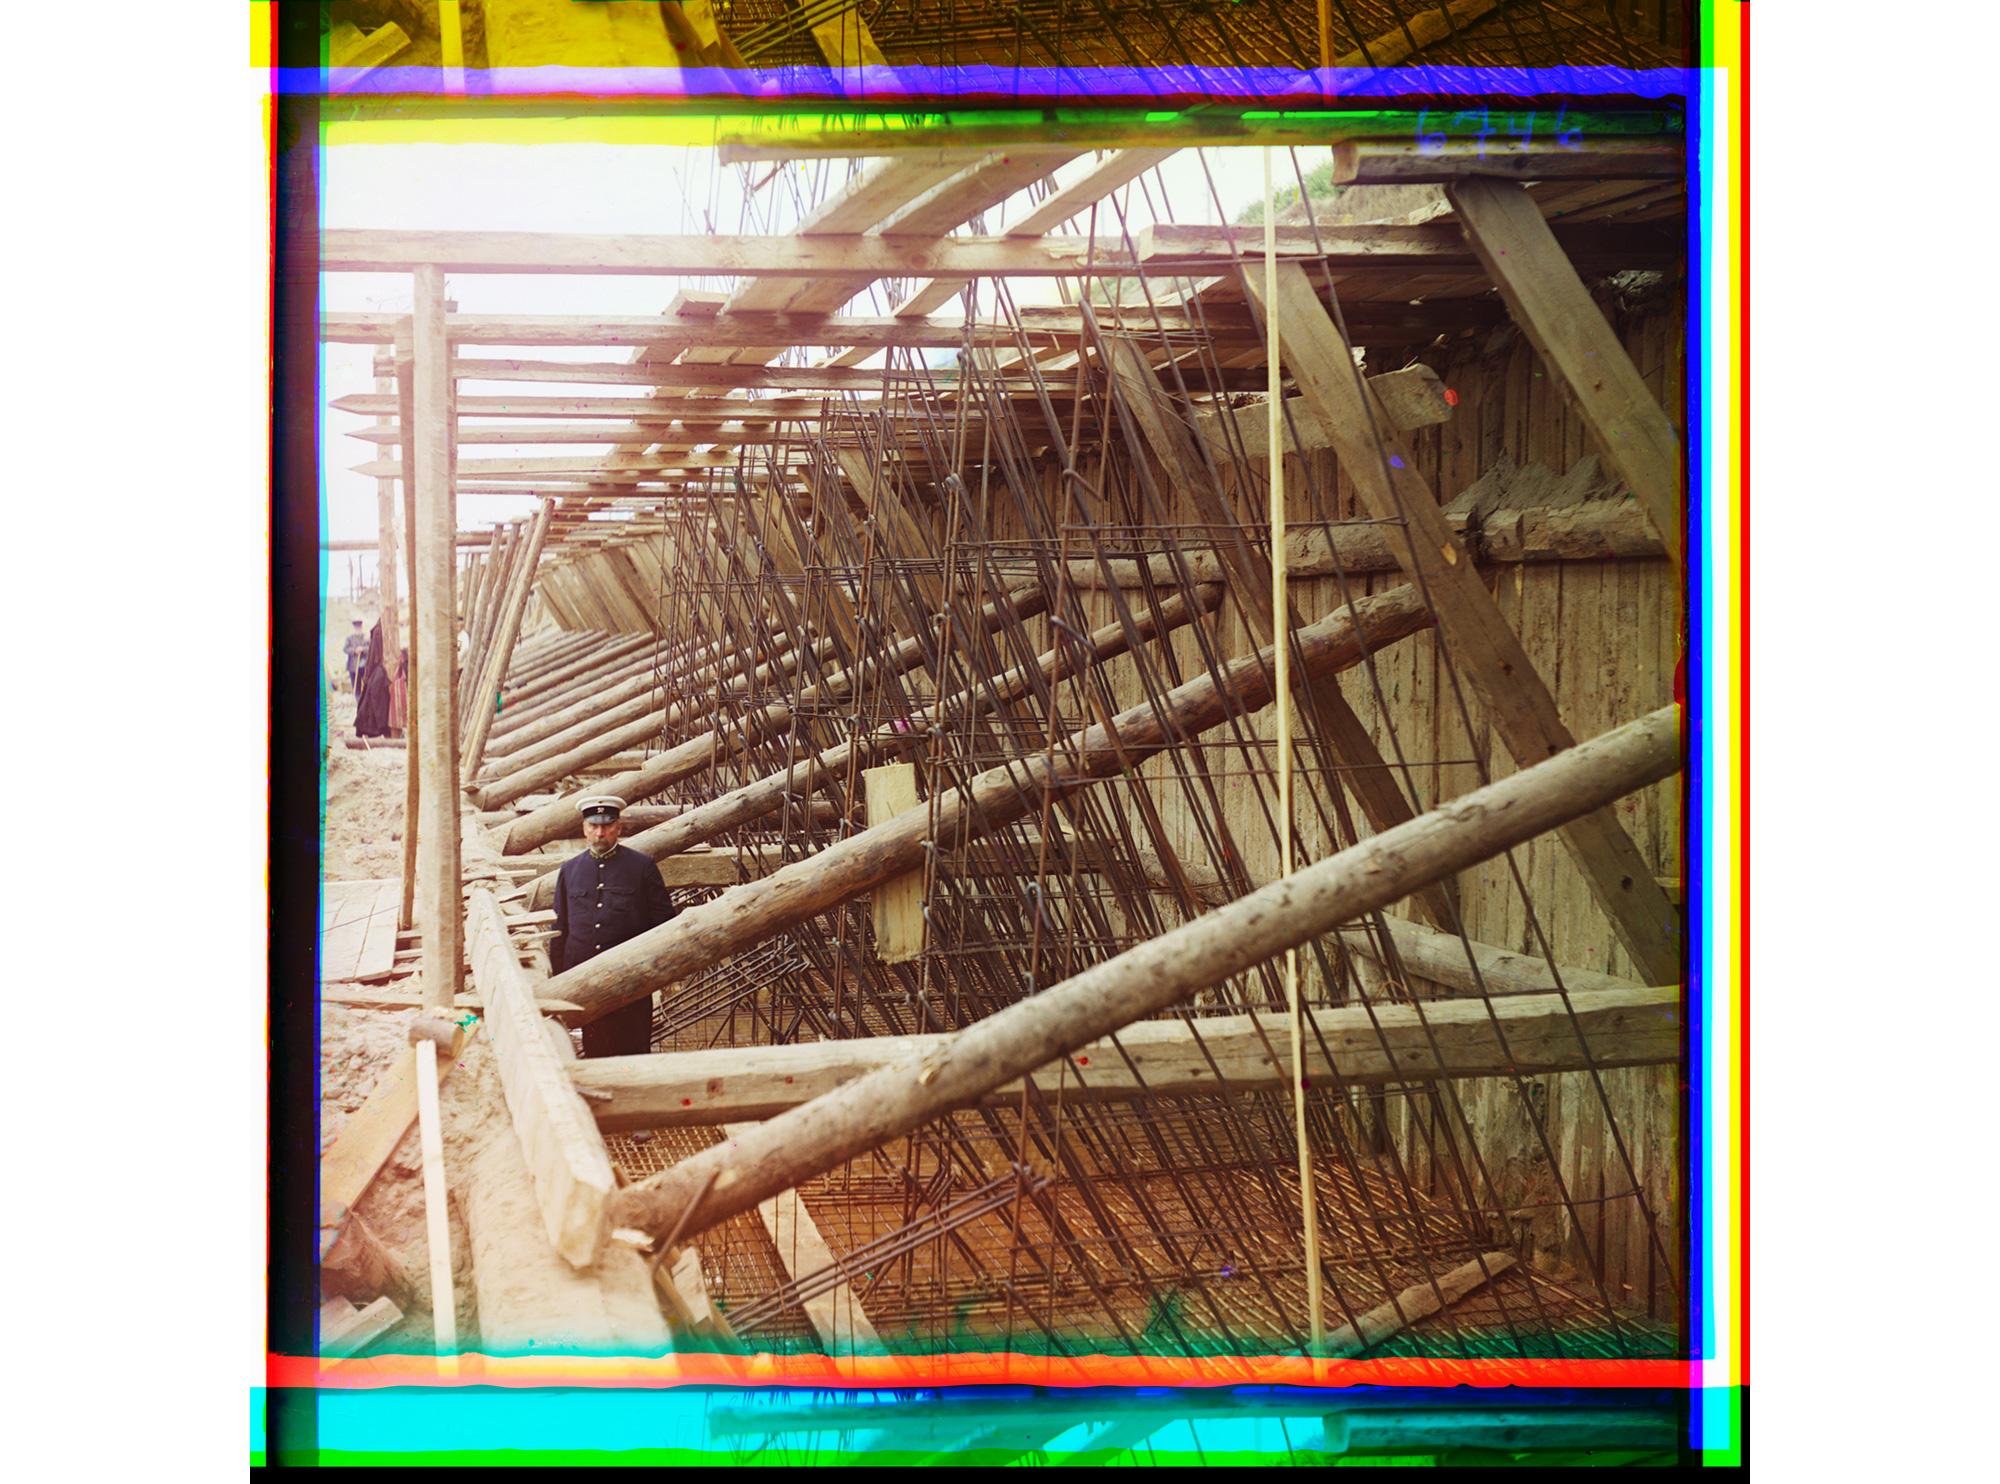 Herstellung von Stahlbeton-Rahmen für die Wände einer Schleuse, Beloomut, 1912